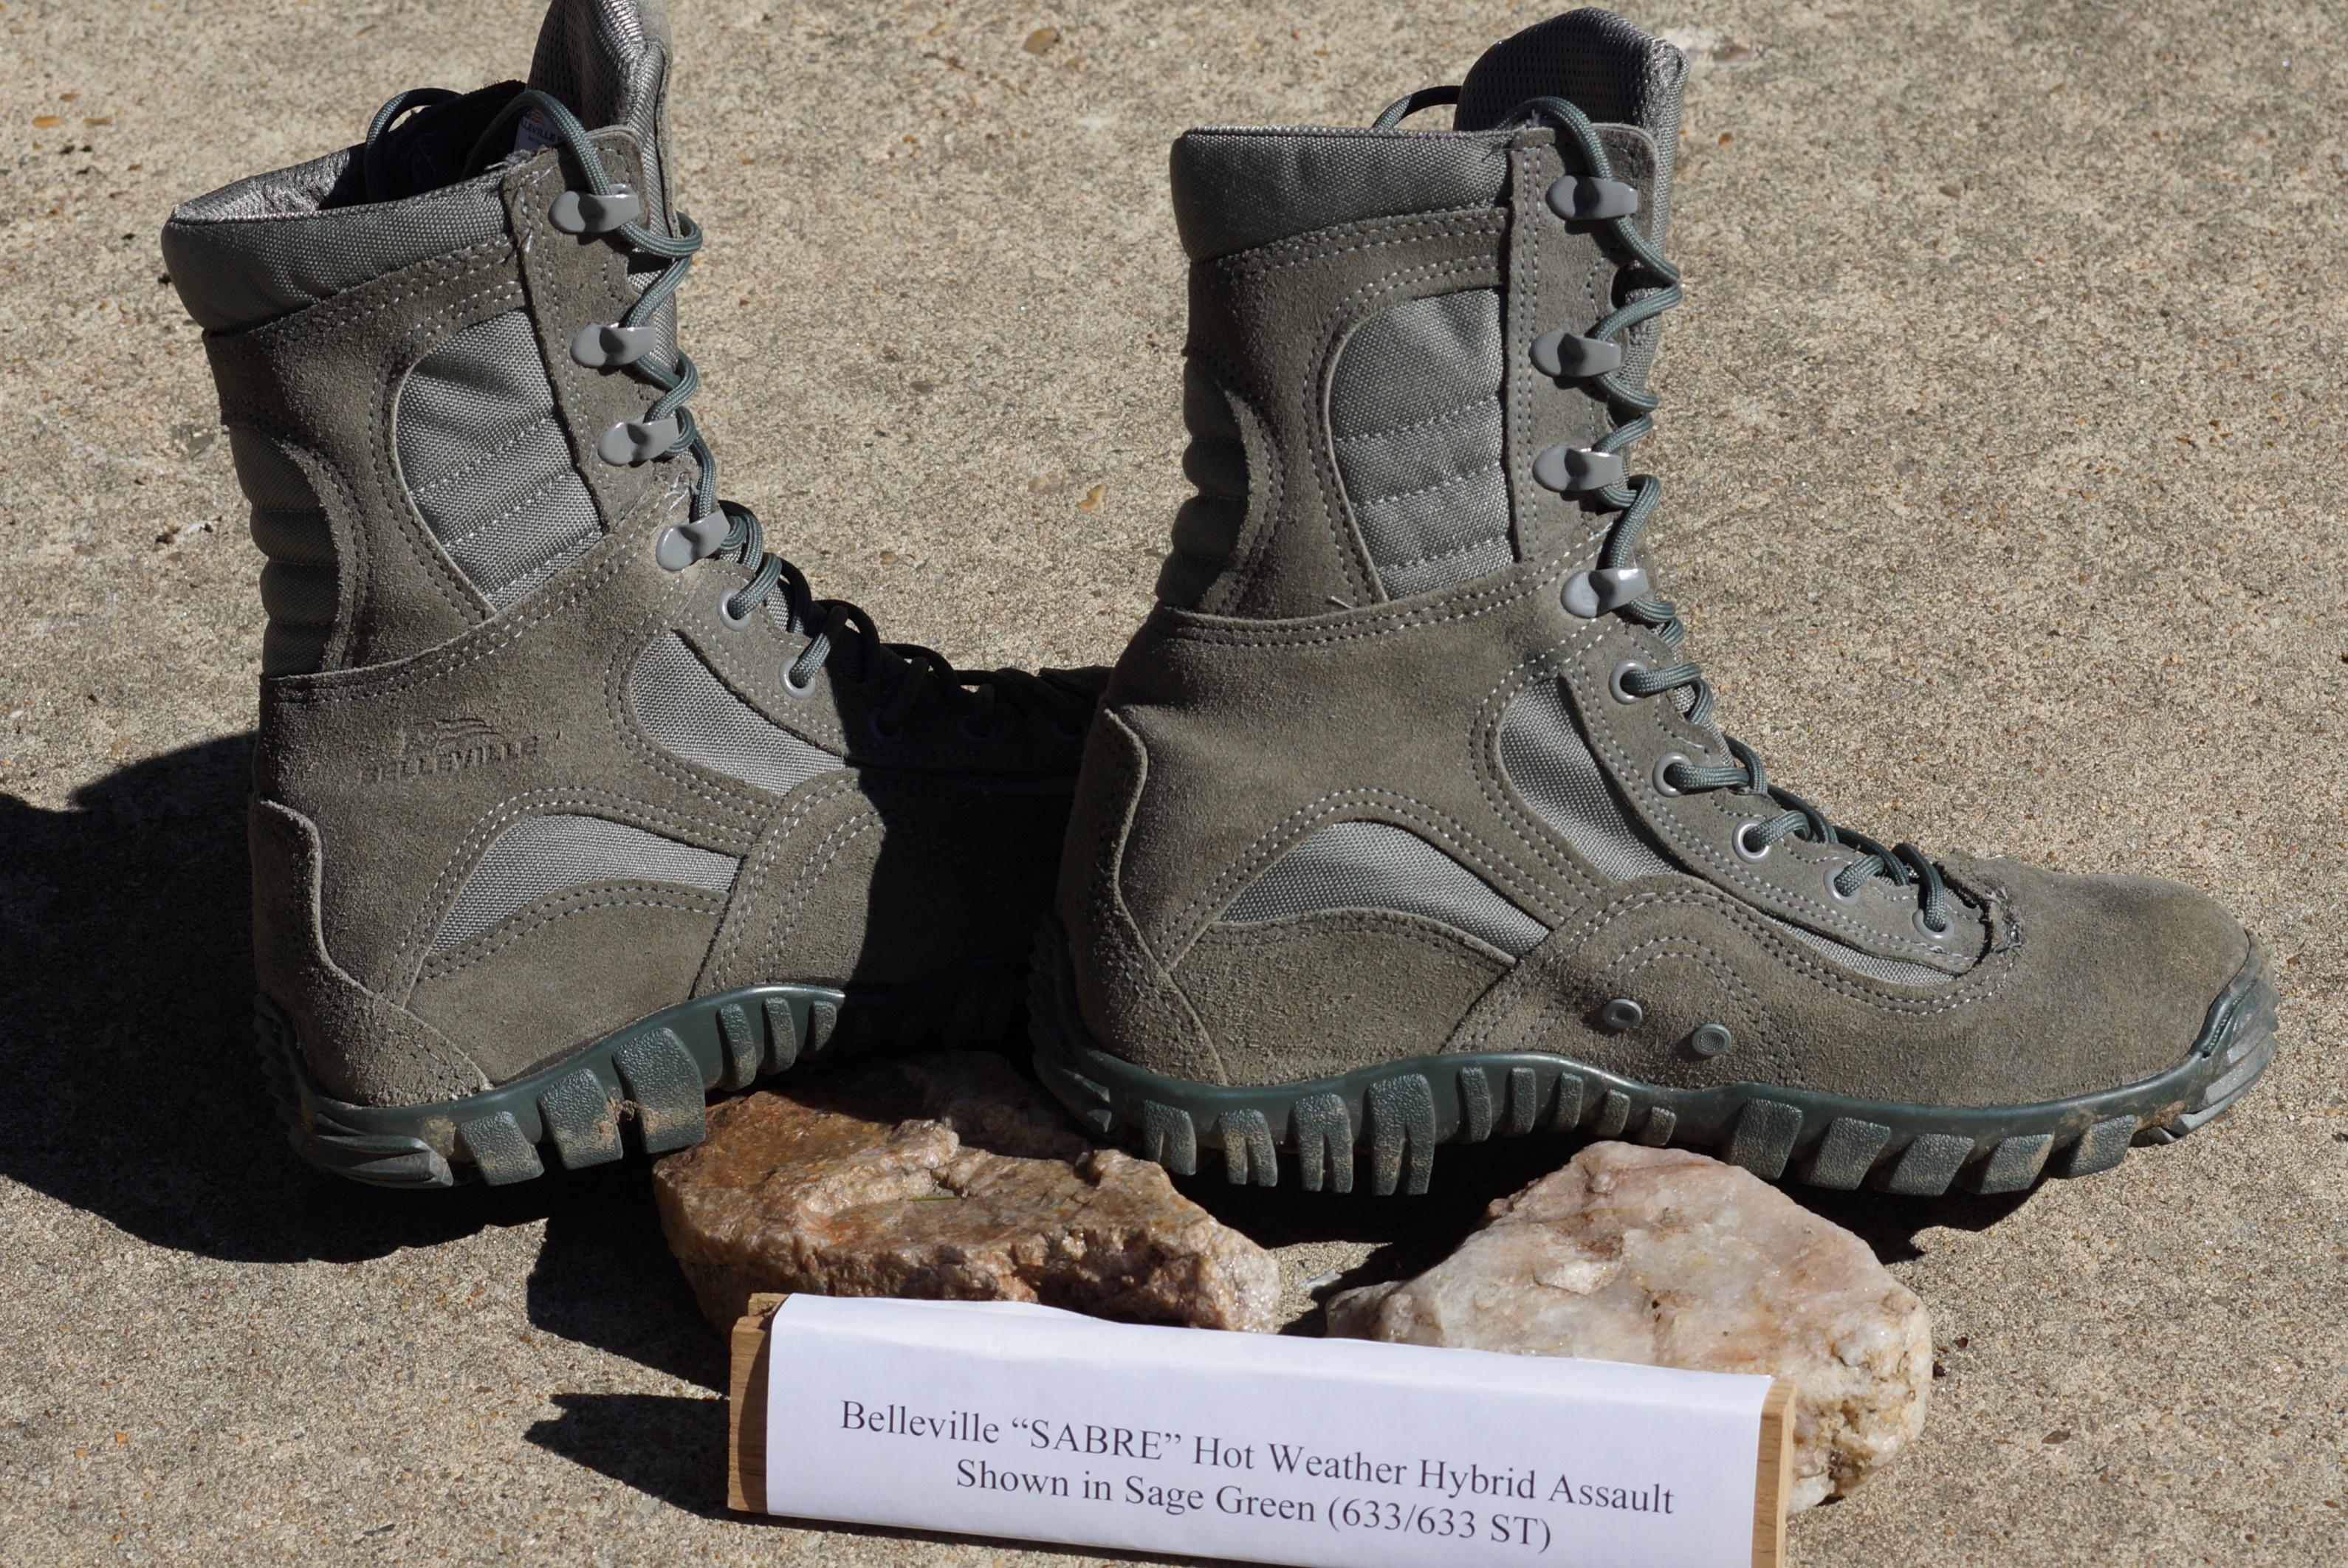 cfbbe58415e5 oakley si assault boot 6 inch reviews